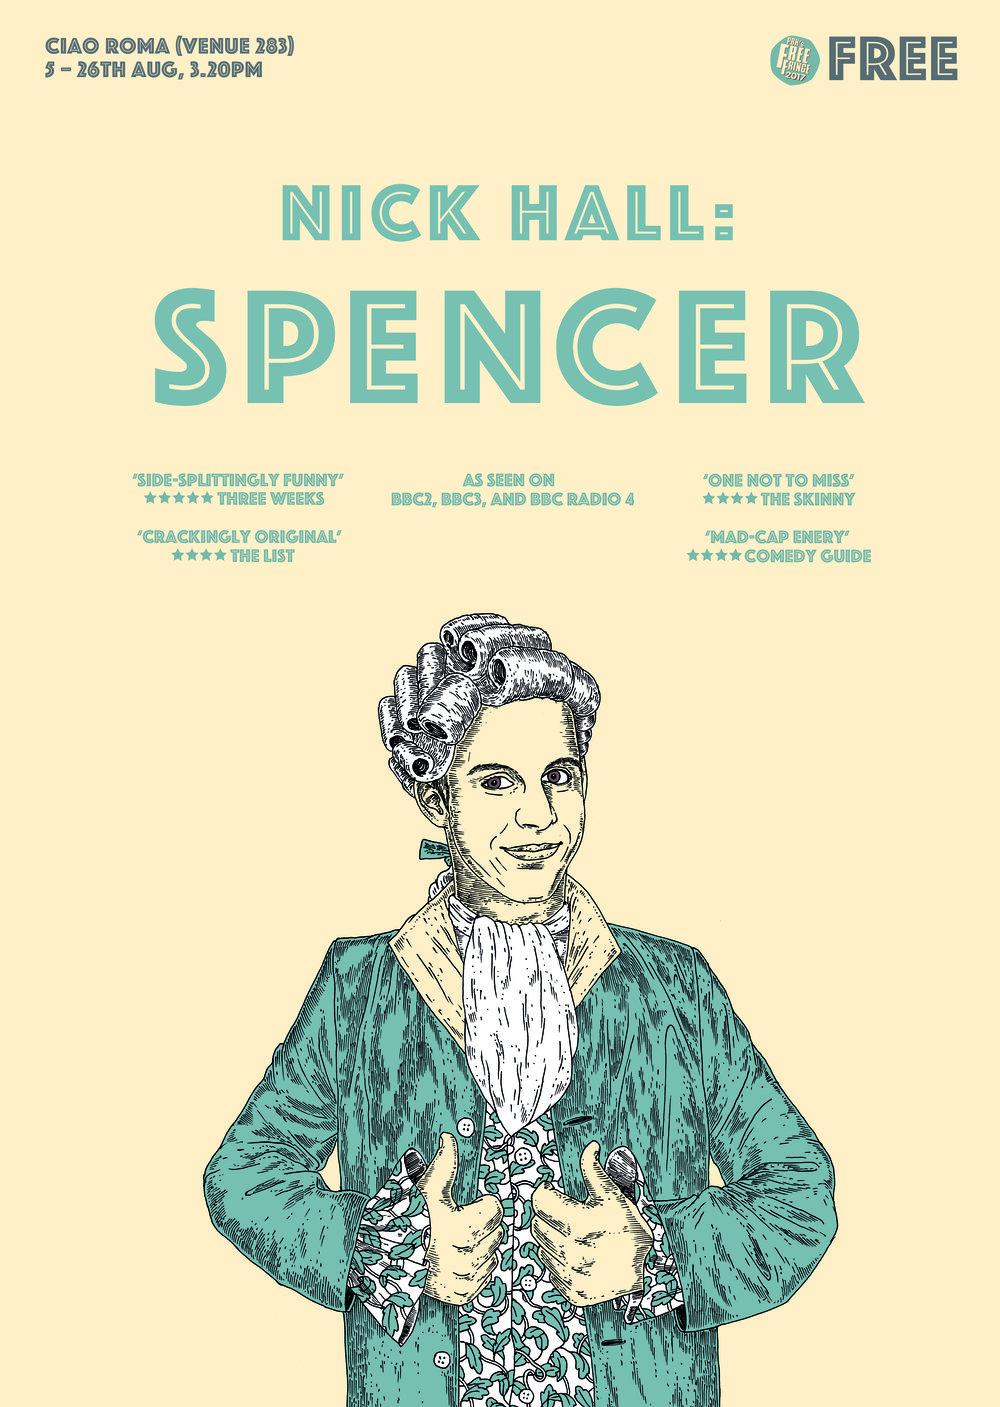 Spencer Poster (2).jpg